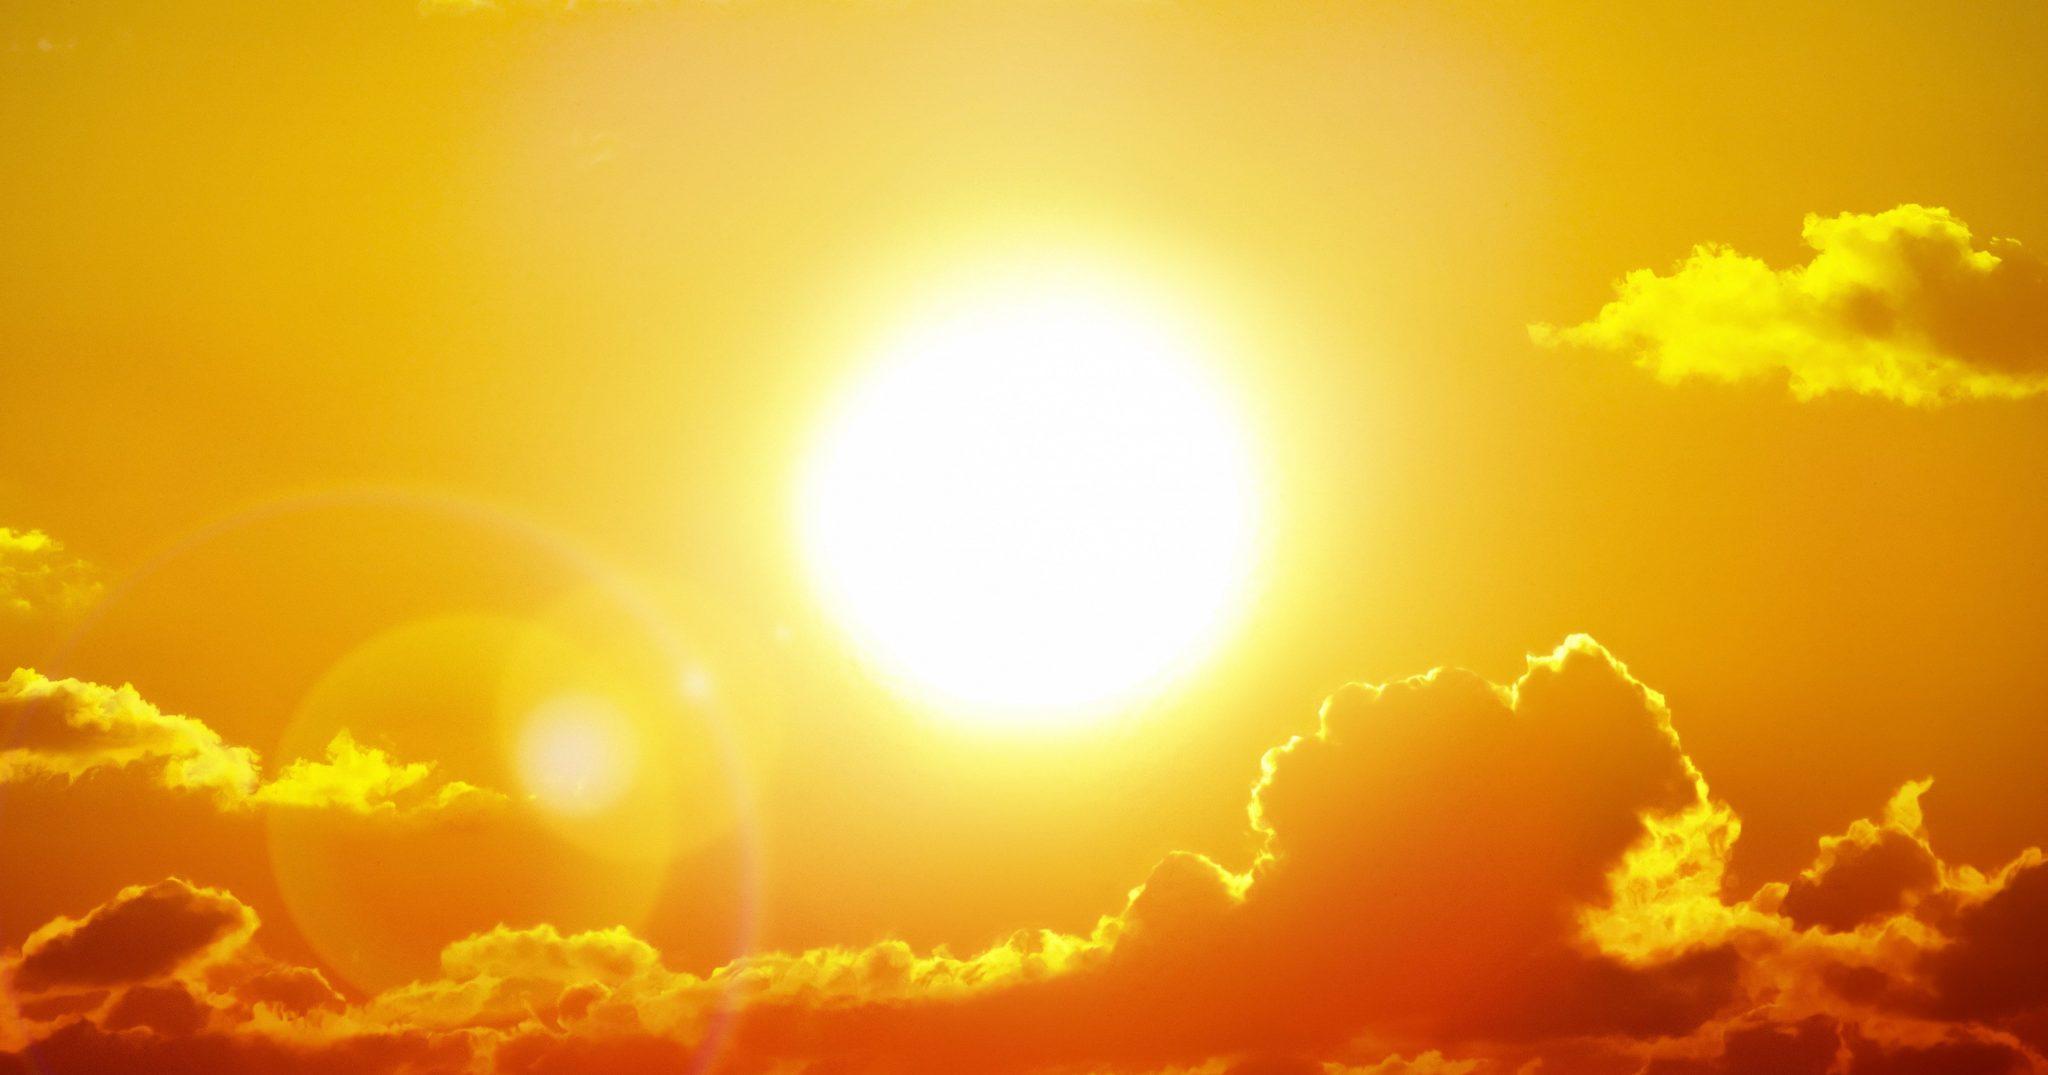 Исследователи призывают к немедленному пересмотру рекомендаций по избеганию солнца